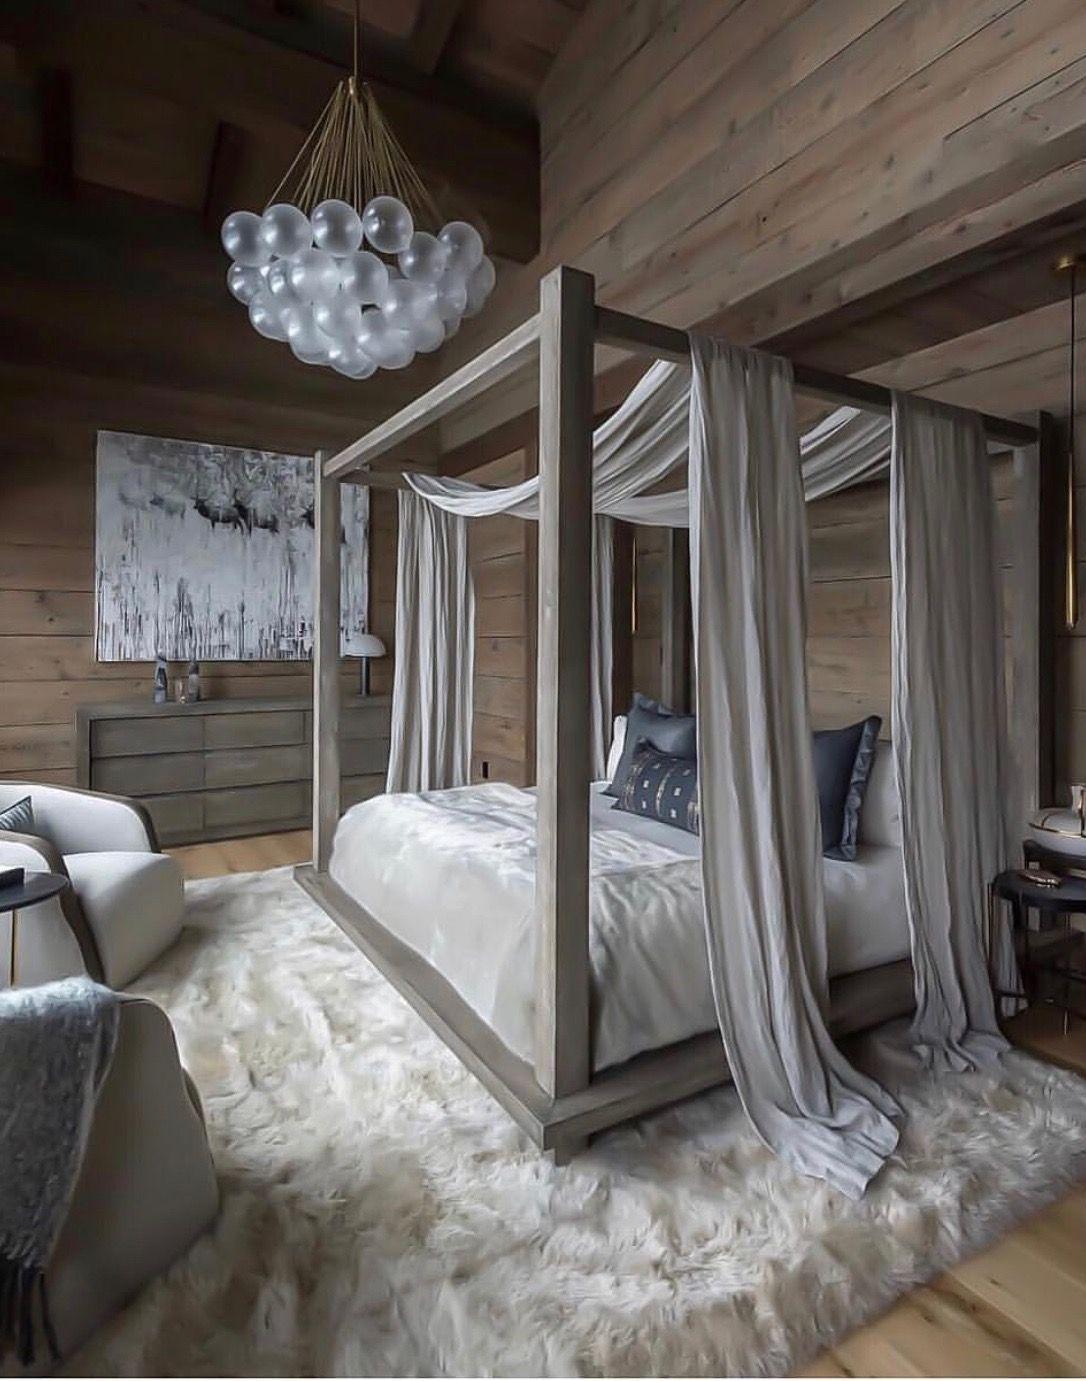 Pin by Shekita Taft on Be [Cozy] Canopy bed diy, Canopy